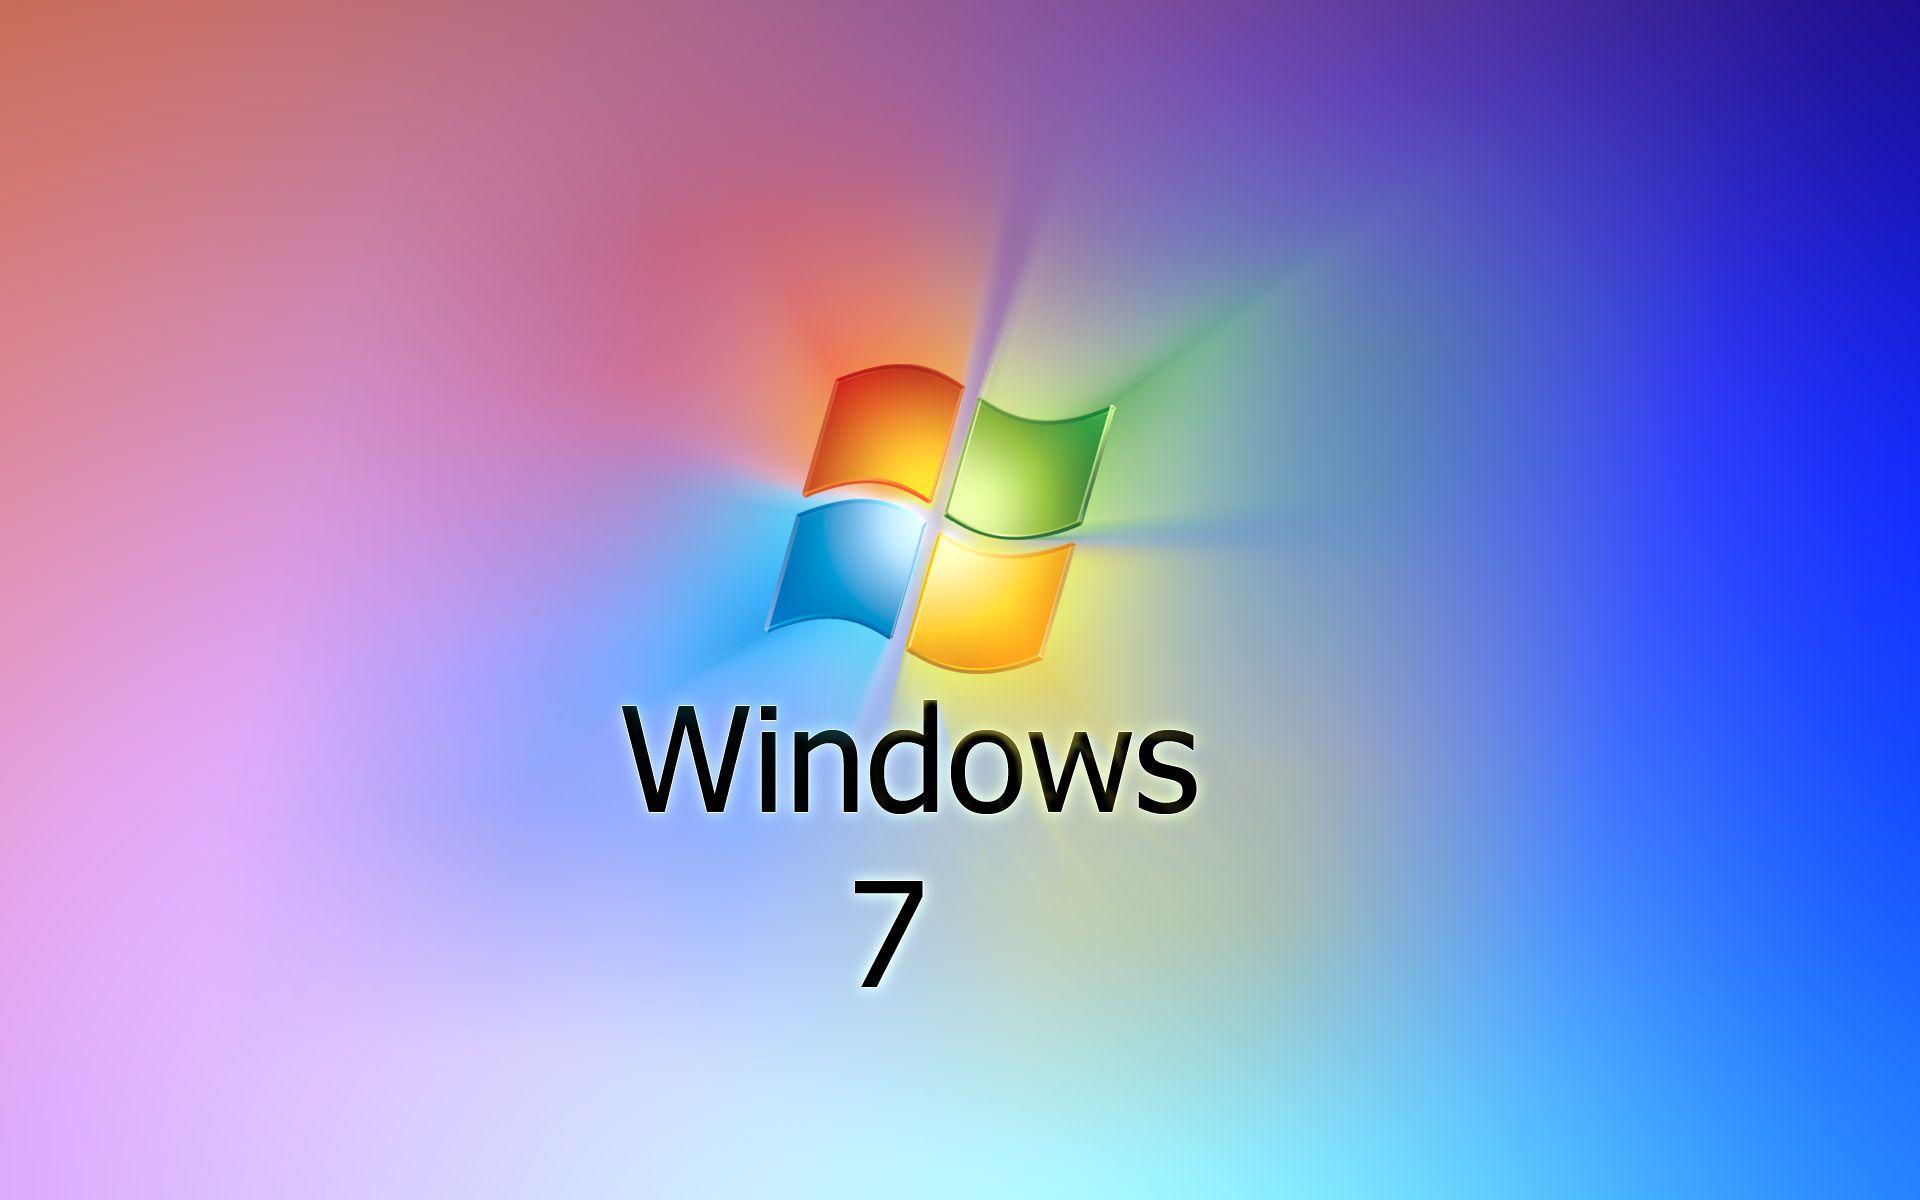 Windows 7 Computer Screen Wallpaper Windows Wallpaper Screen Wallpaper